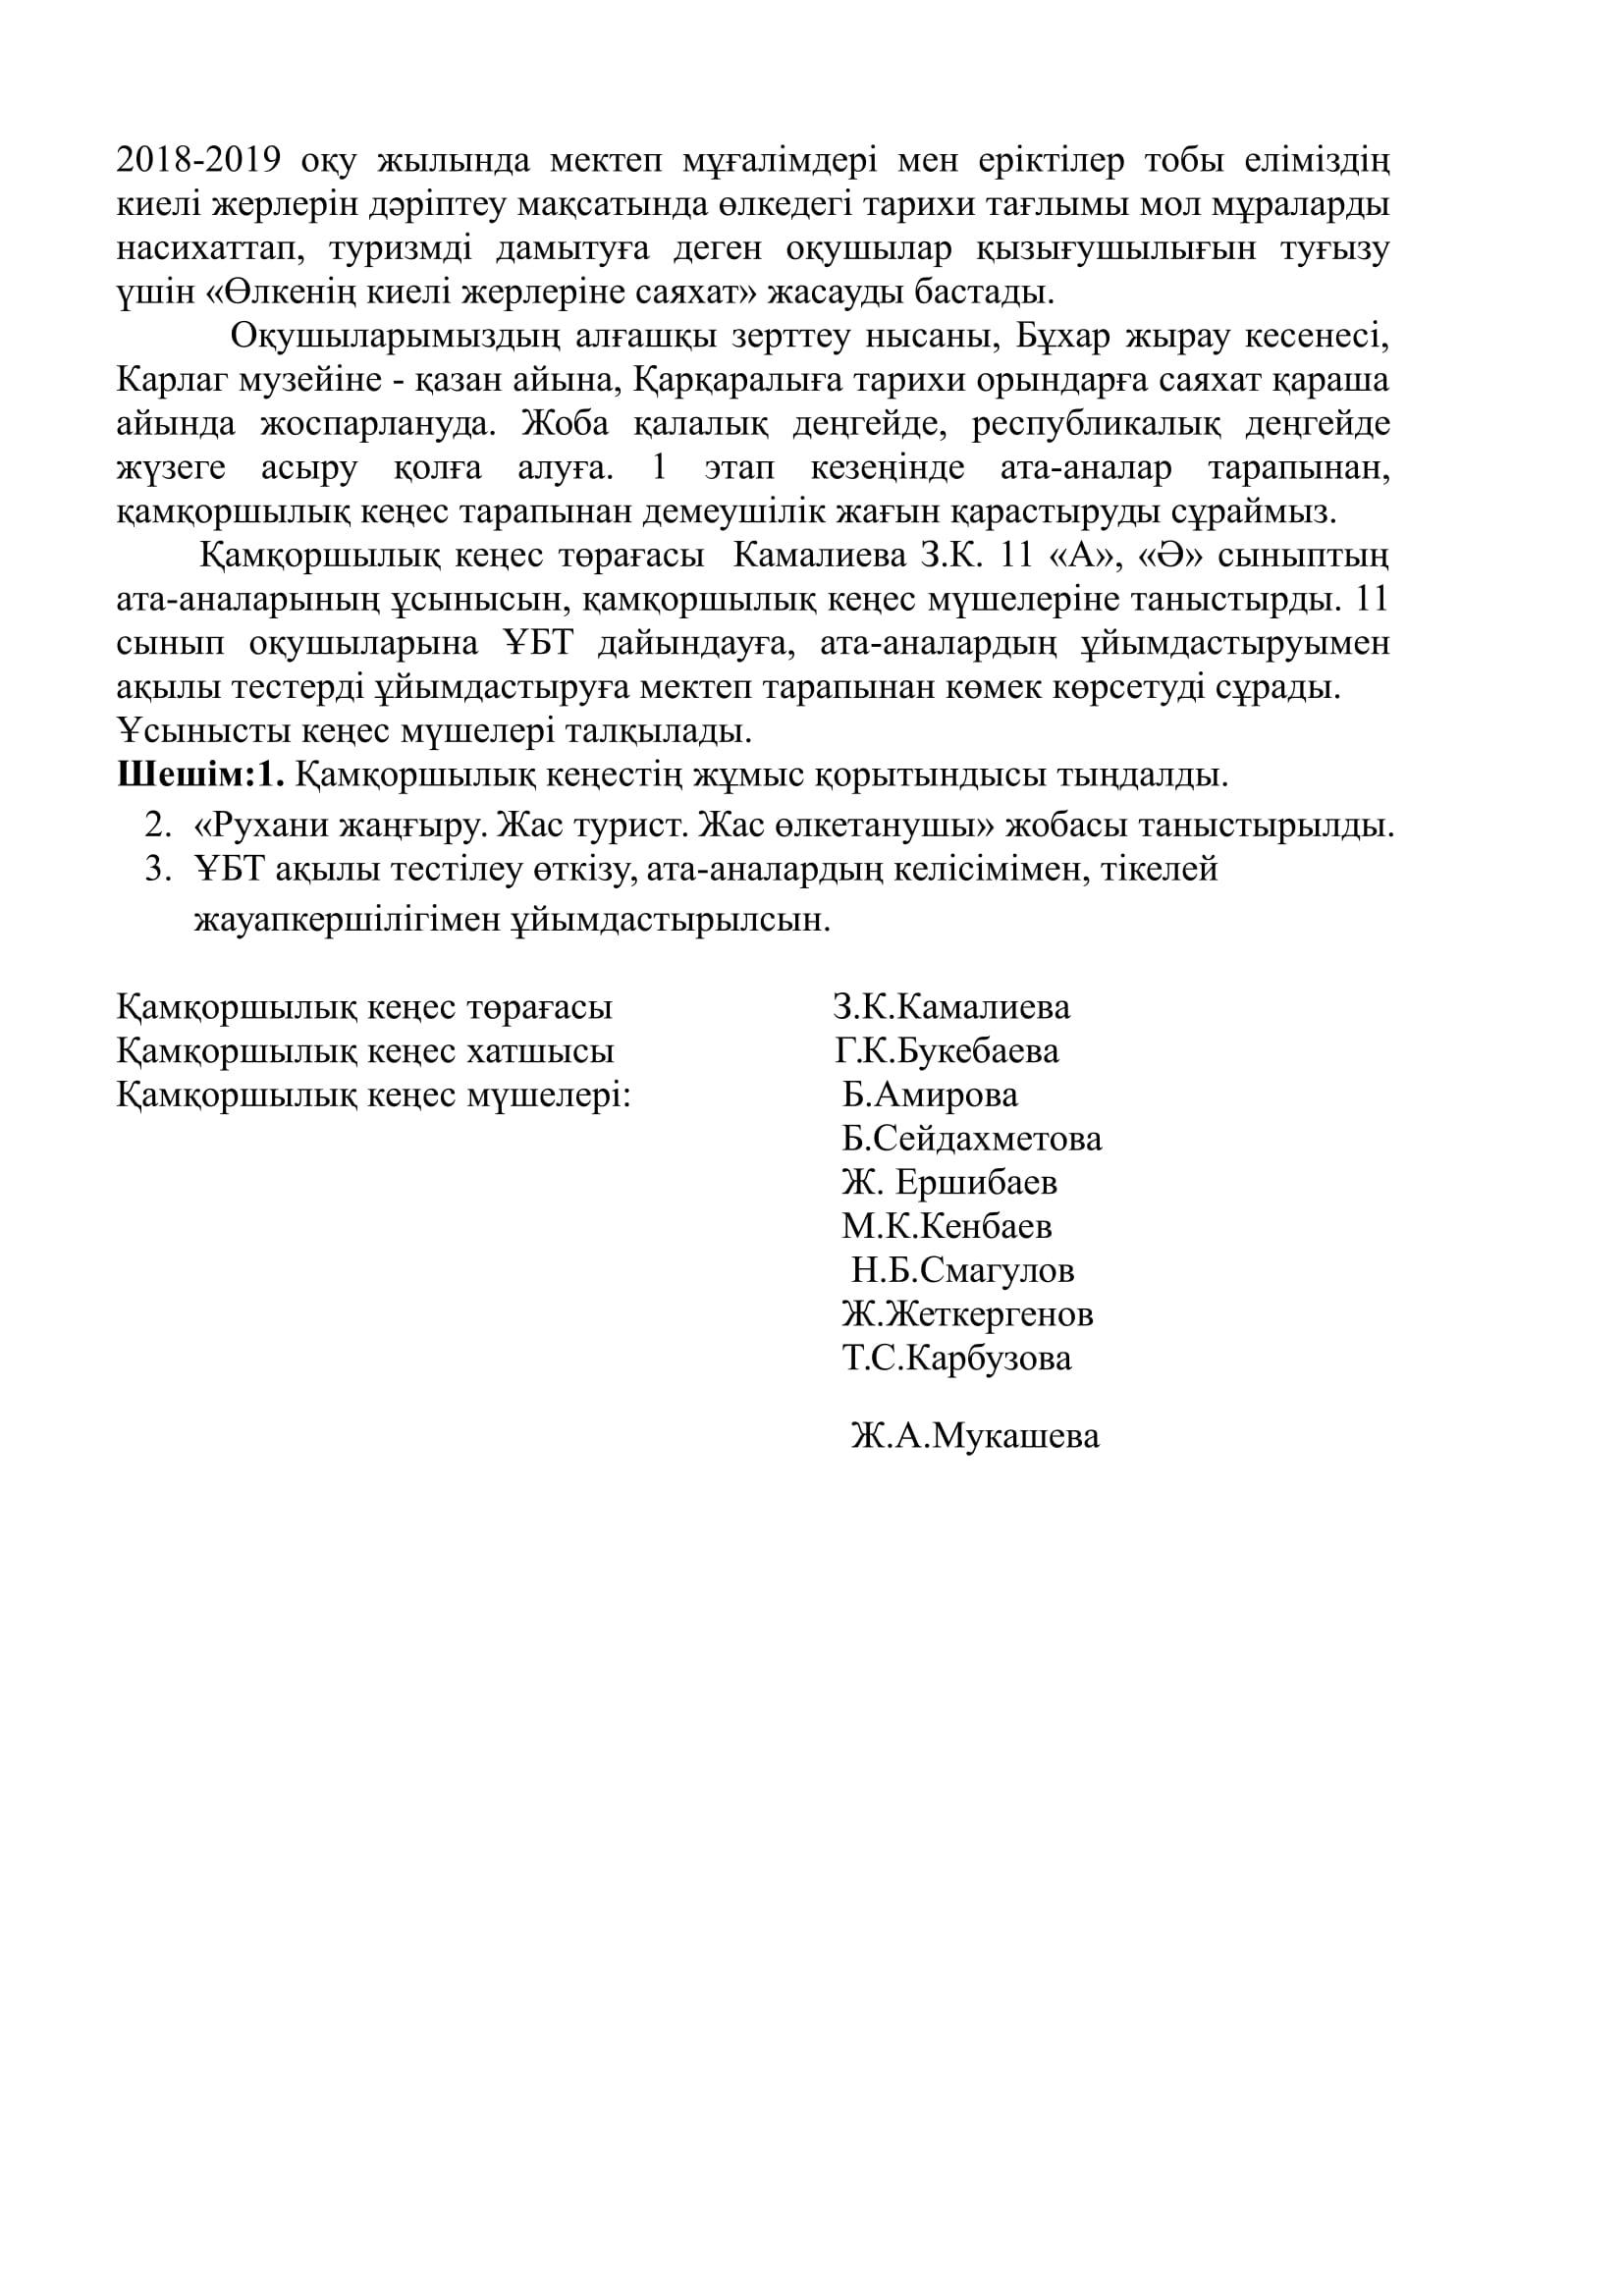 СОШ№36 ХАТТАМА — 2018-2019-11.jpg